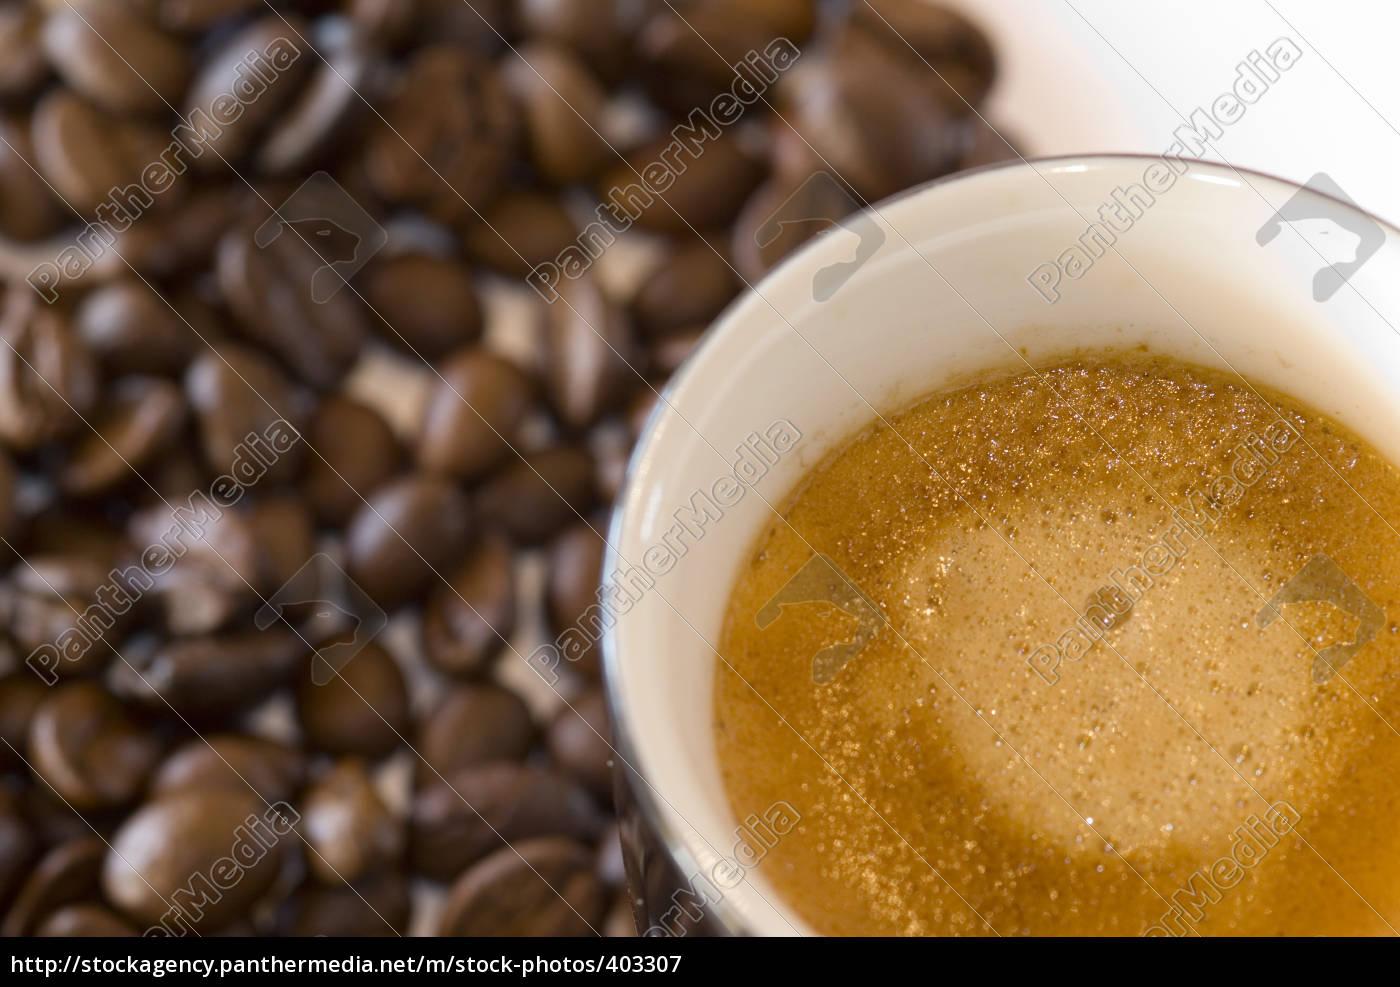 kaffee1 - 403307